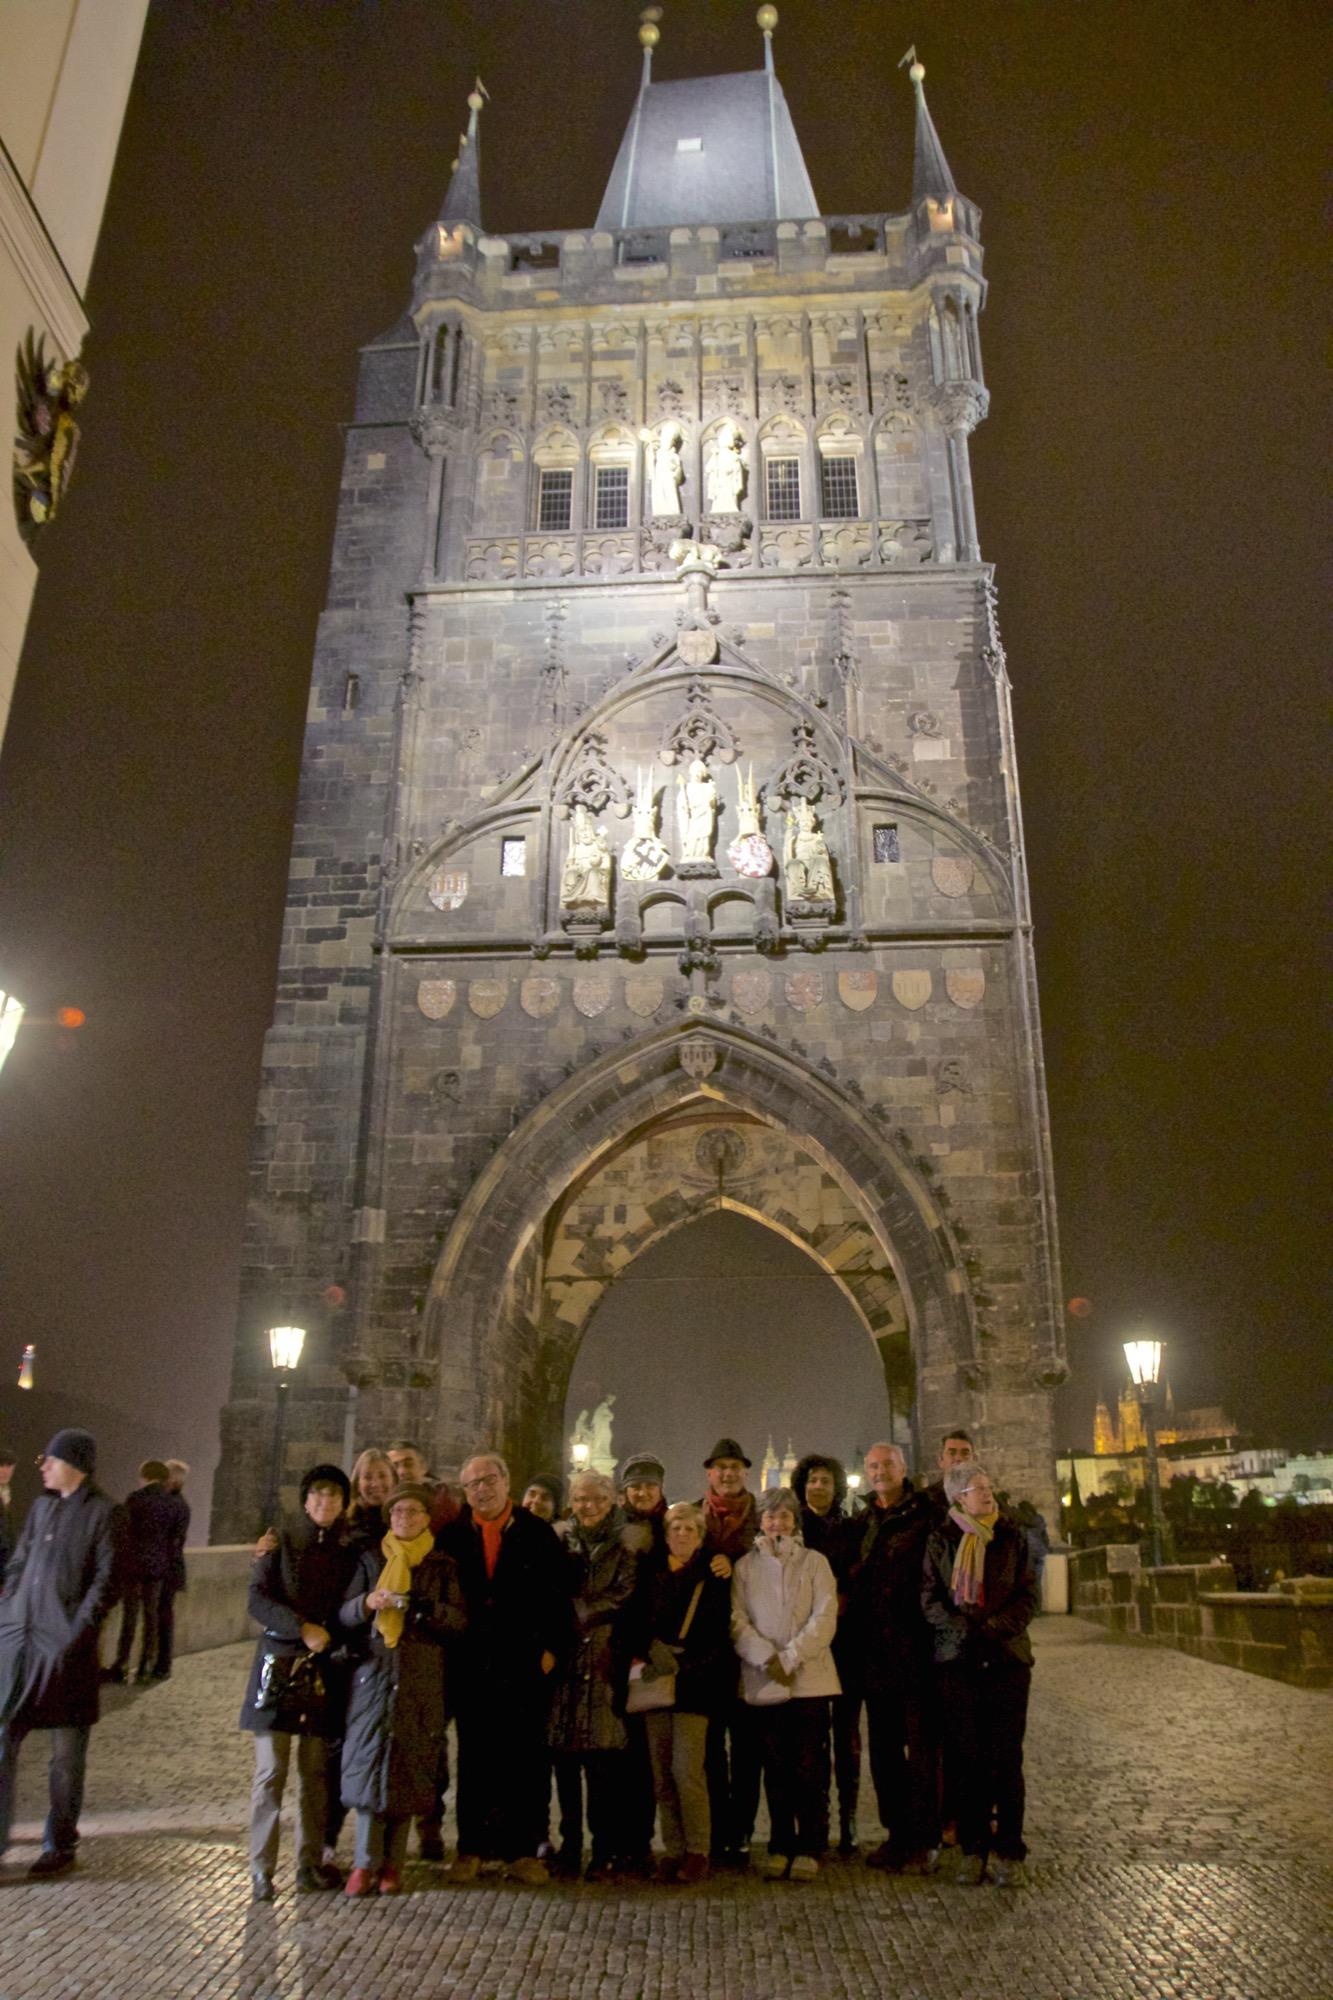 Tour du pont à la place Krizovnicke  Old Town Bridge Tower (Staroměstská mostecká)  Prague -